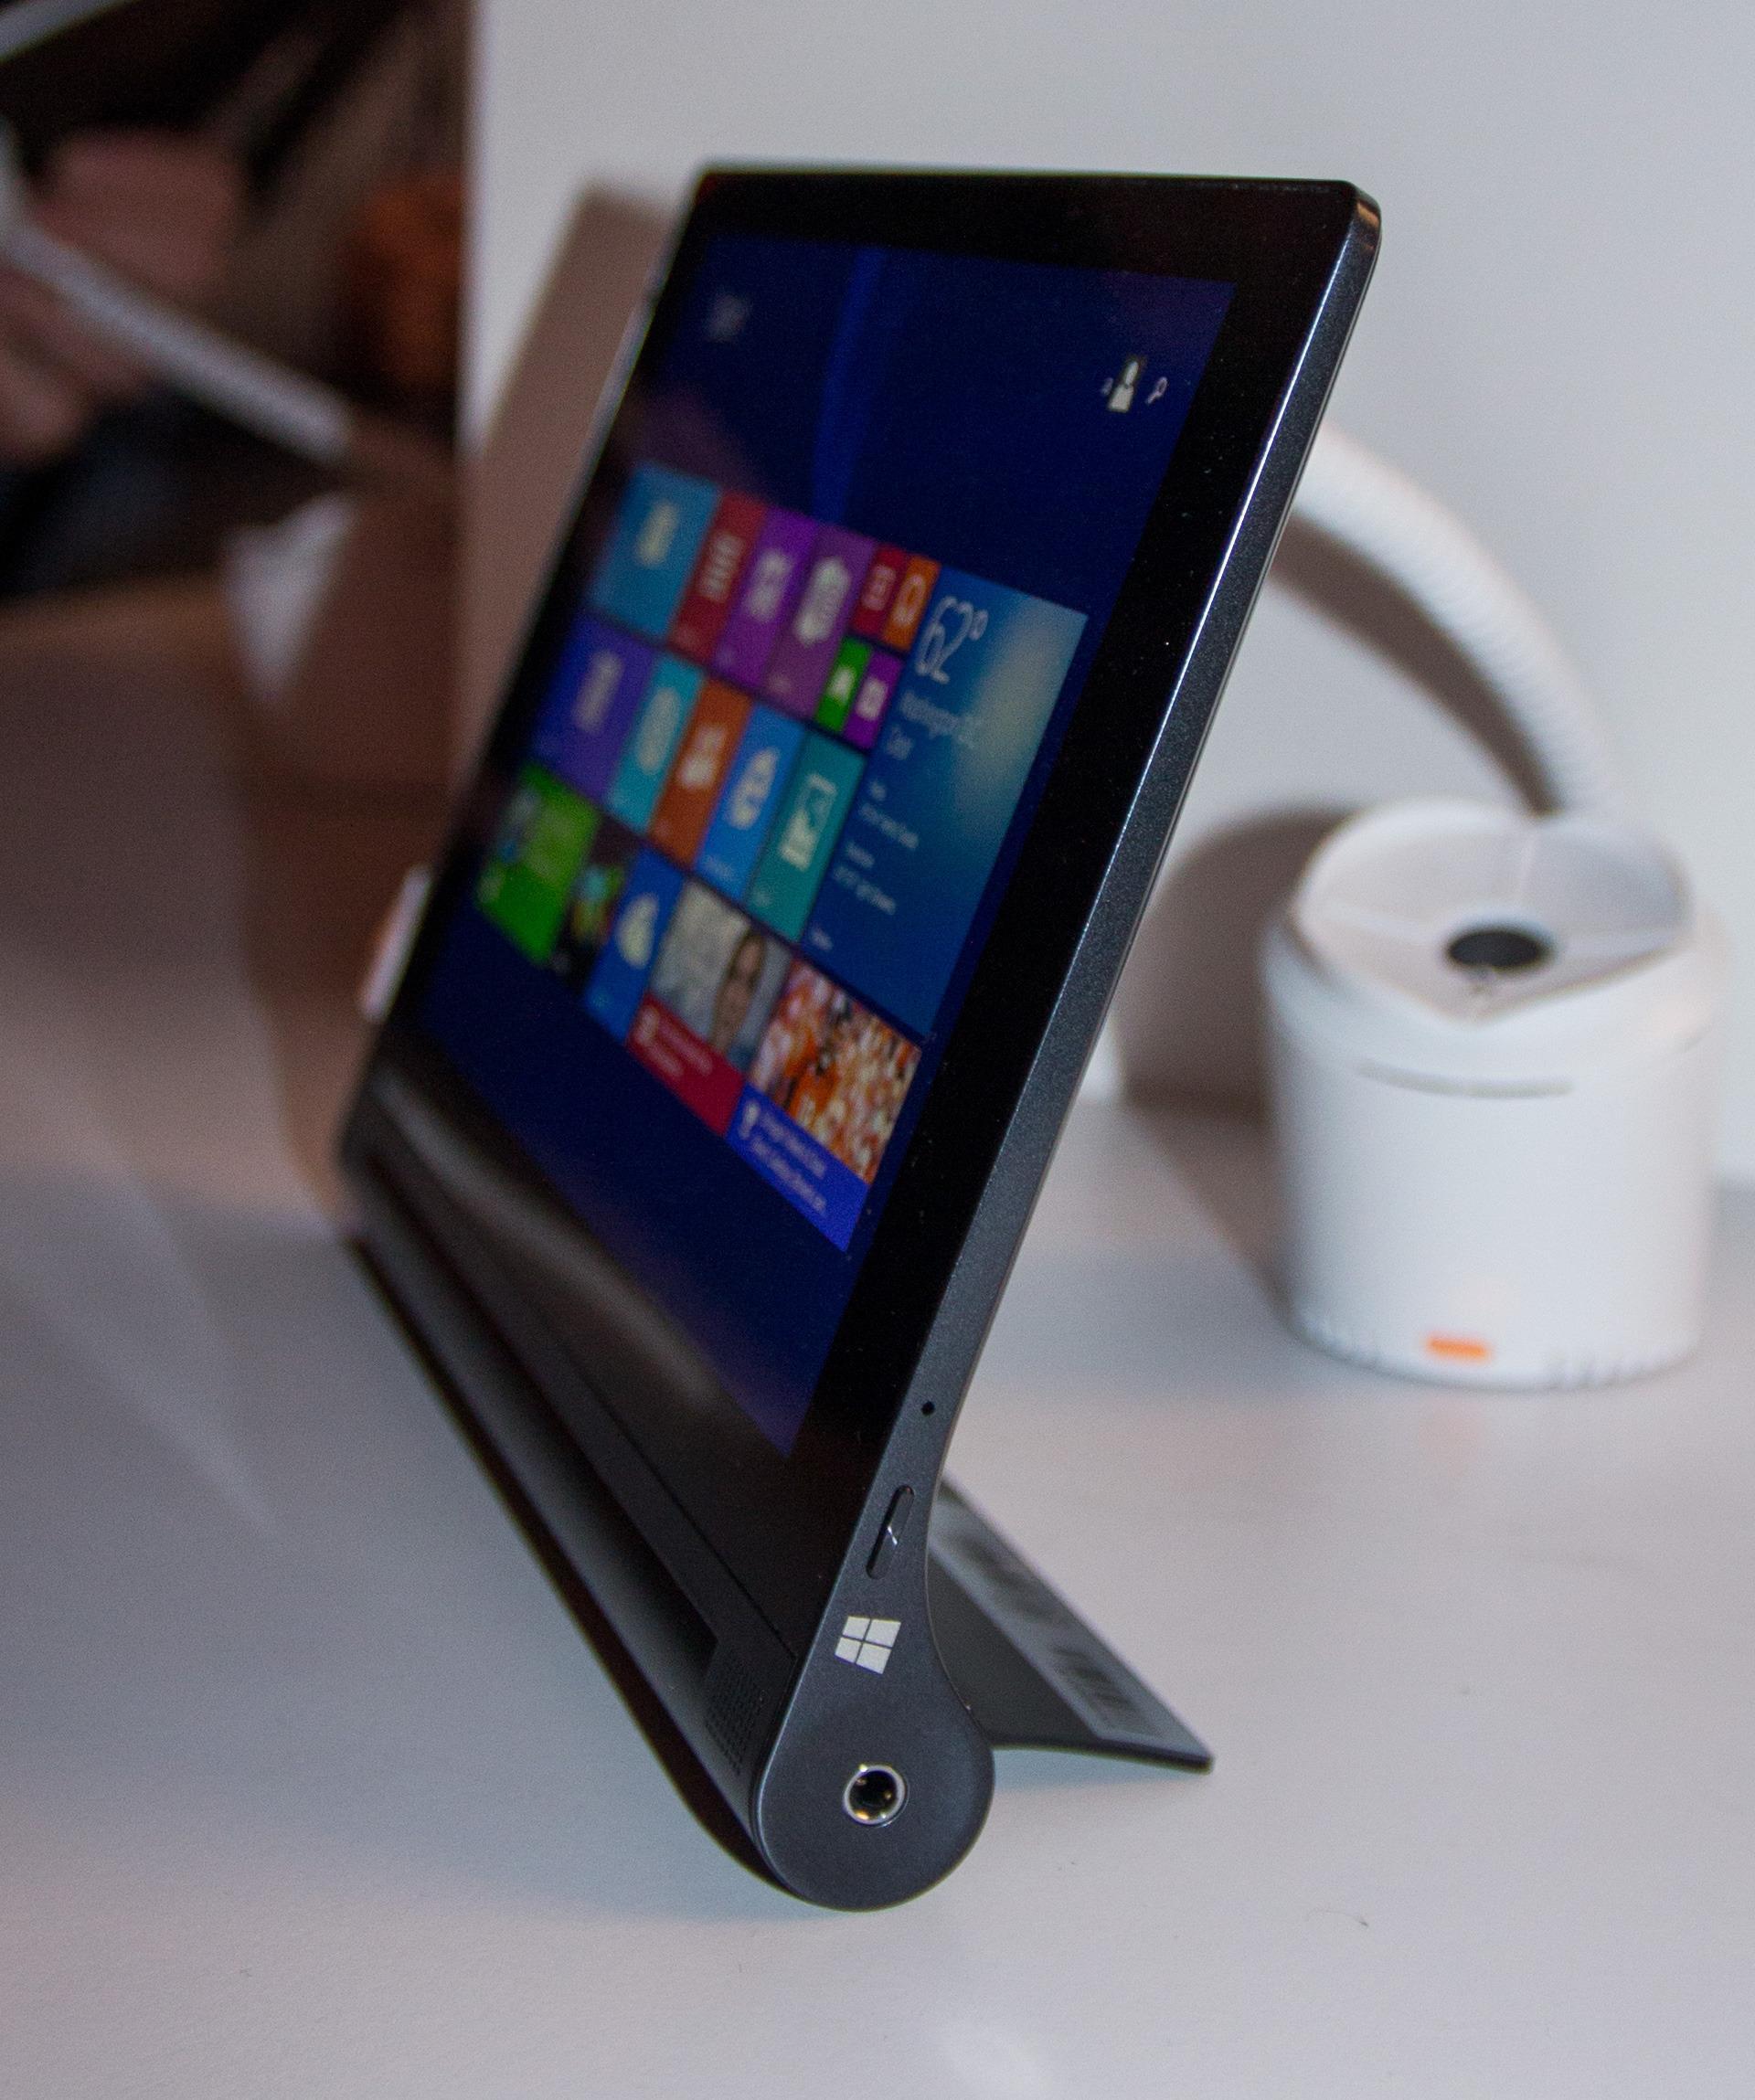 Windows-modellene av Tablet 2 kommer i sort utførelse.